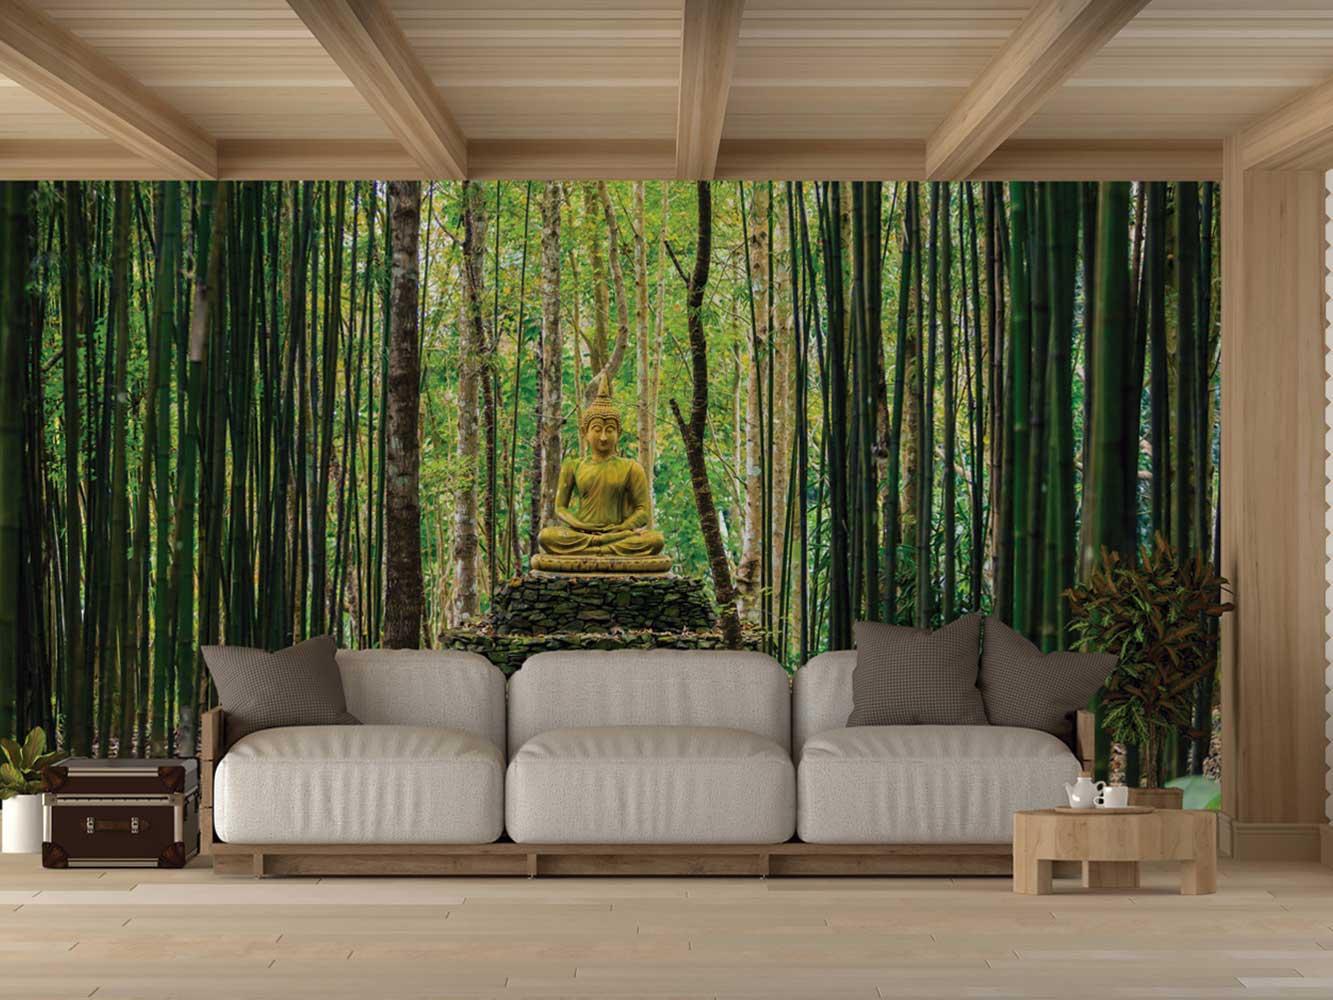 Fotomural Vinilo Buda en Bosque Bambú | Carteles XXL - Impresión carteleria publicitaria